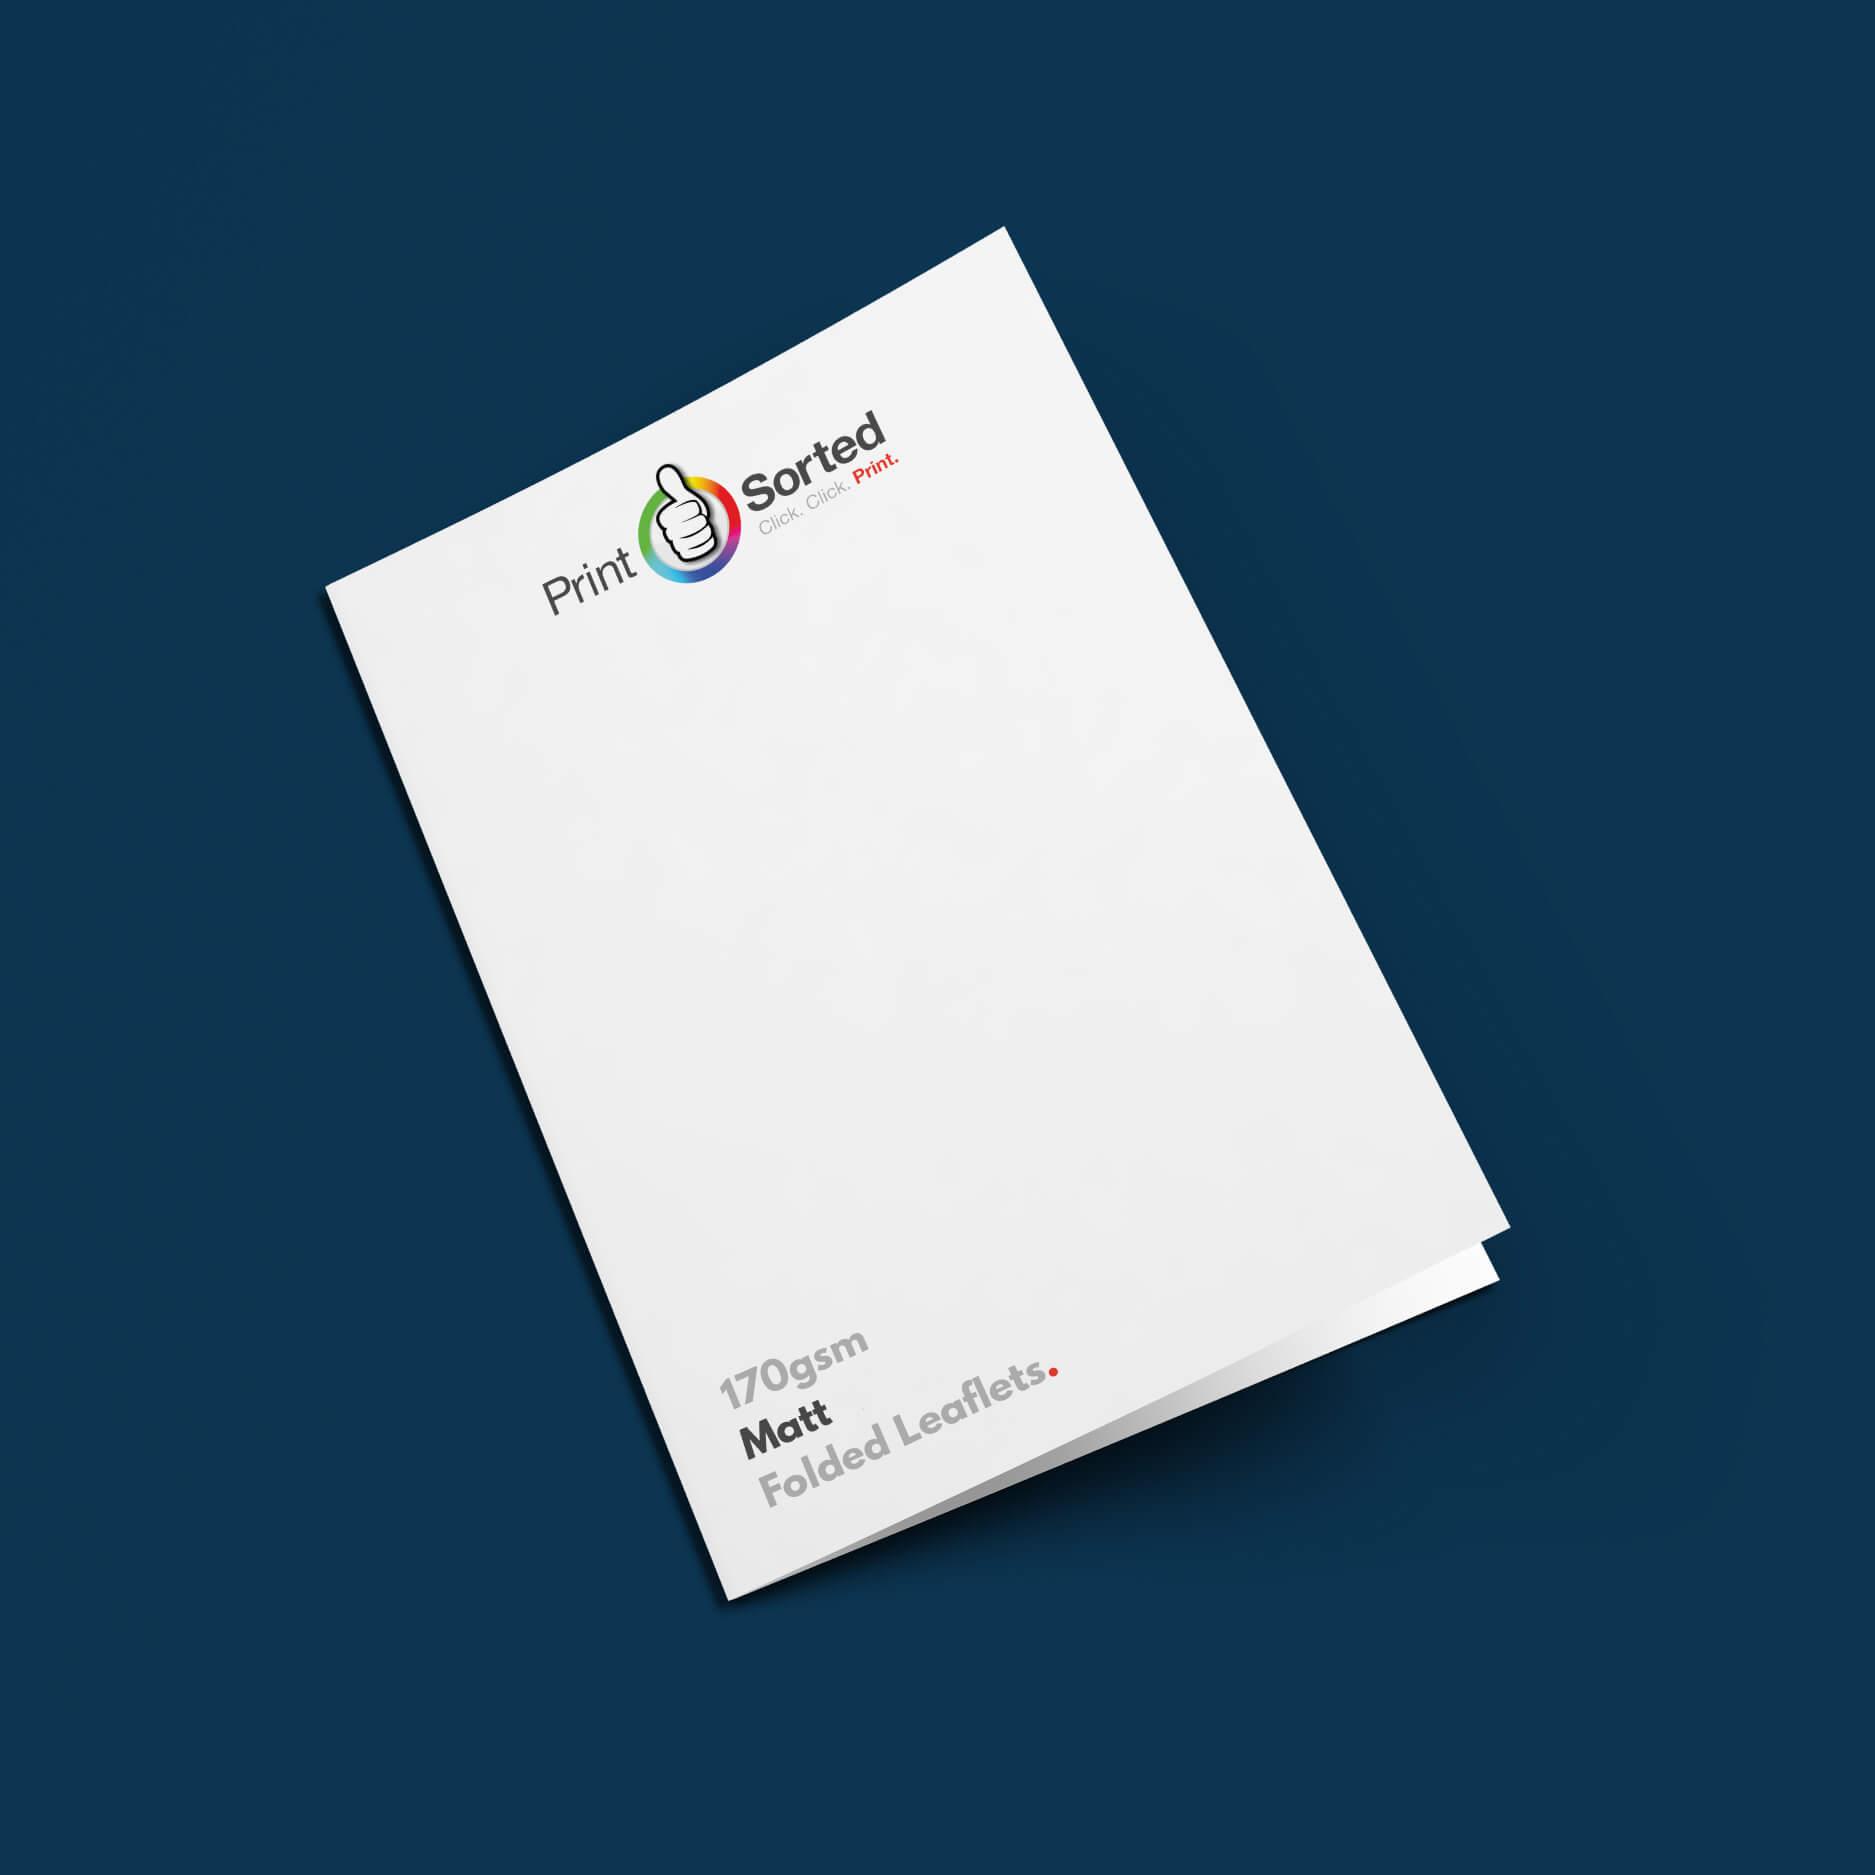 170gsm Matt Folded Leaflets by printsorted